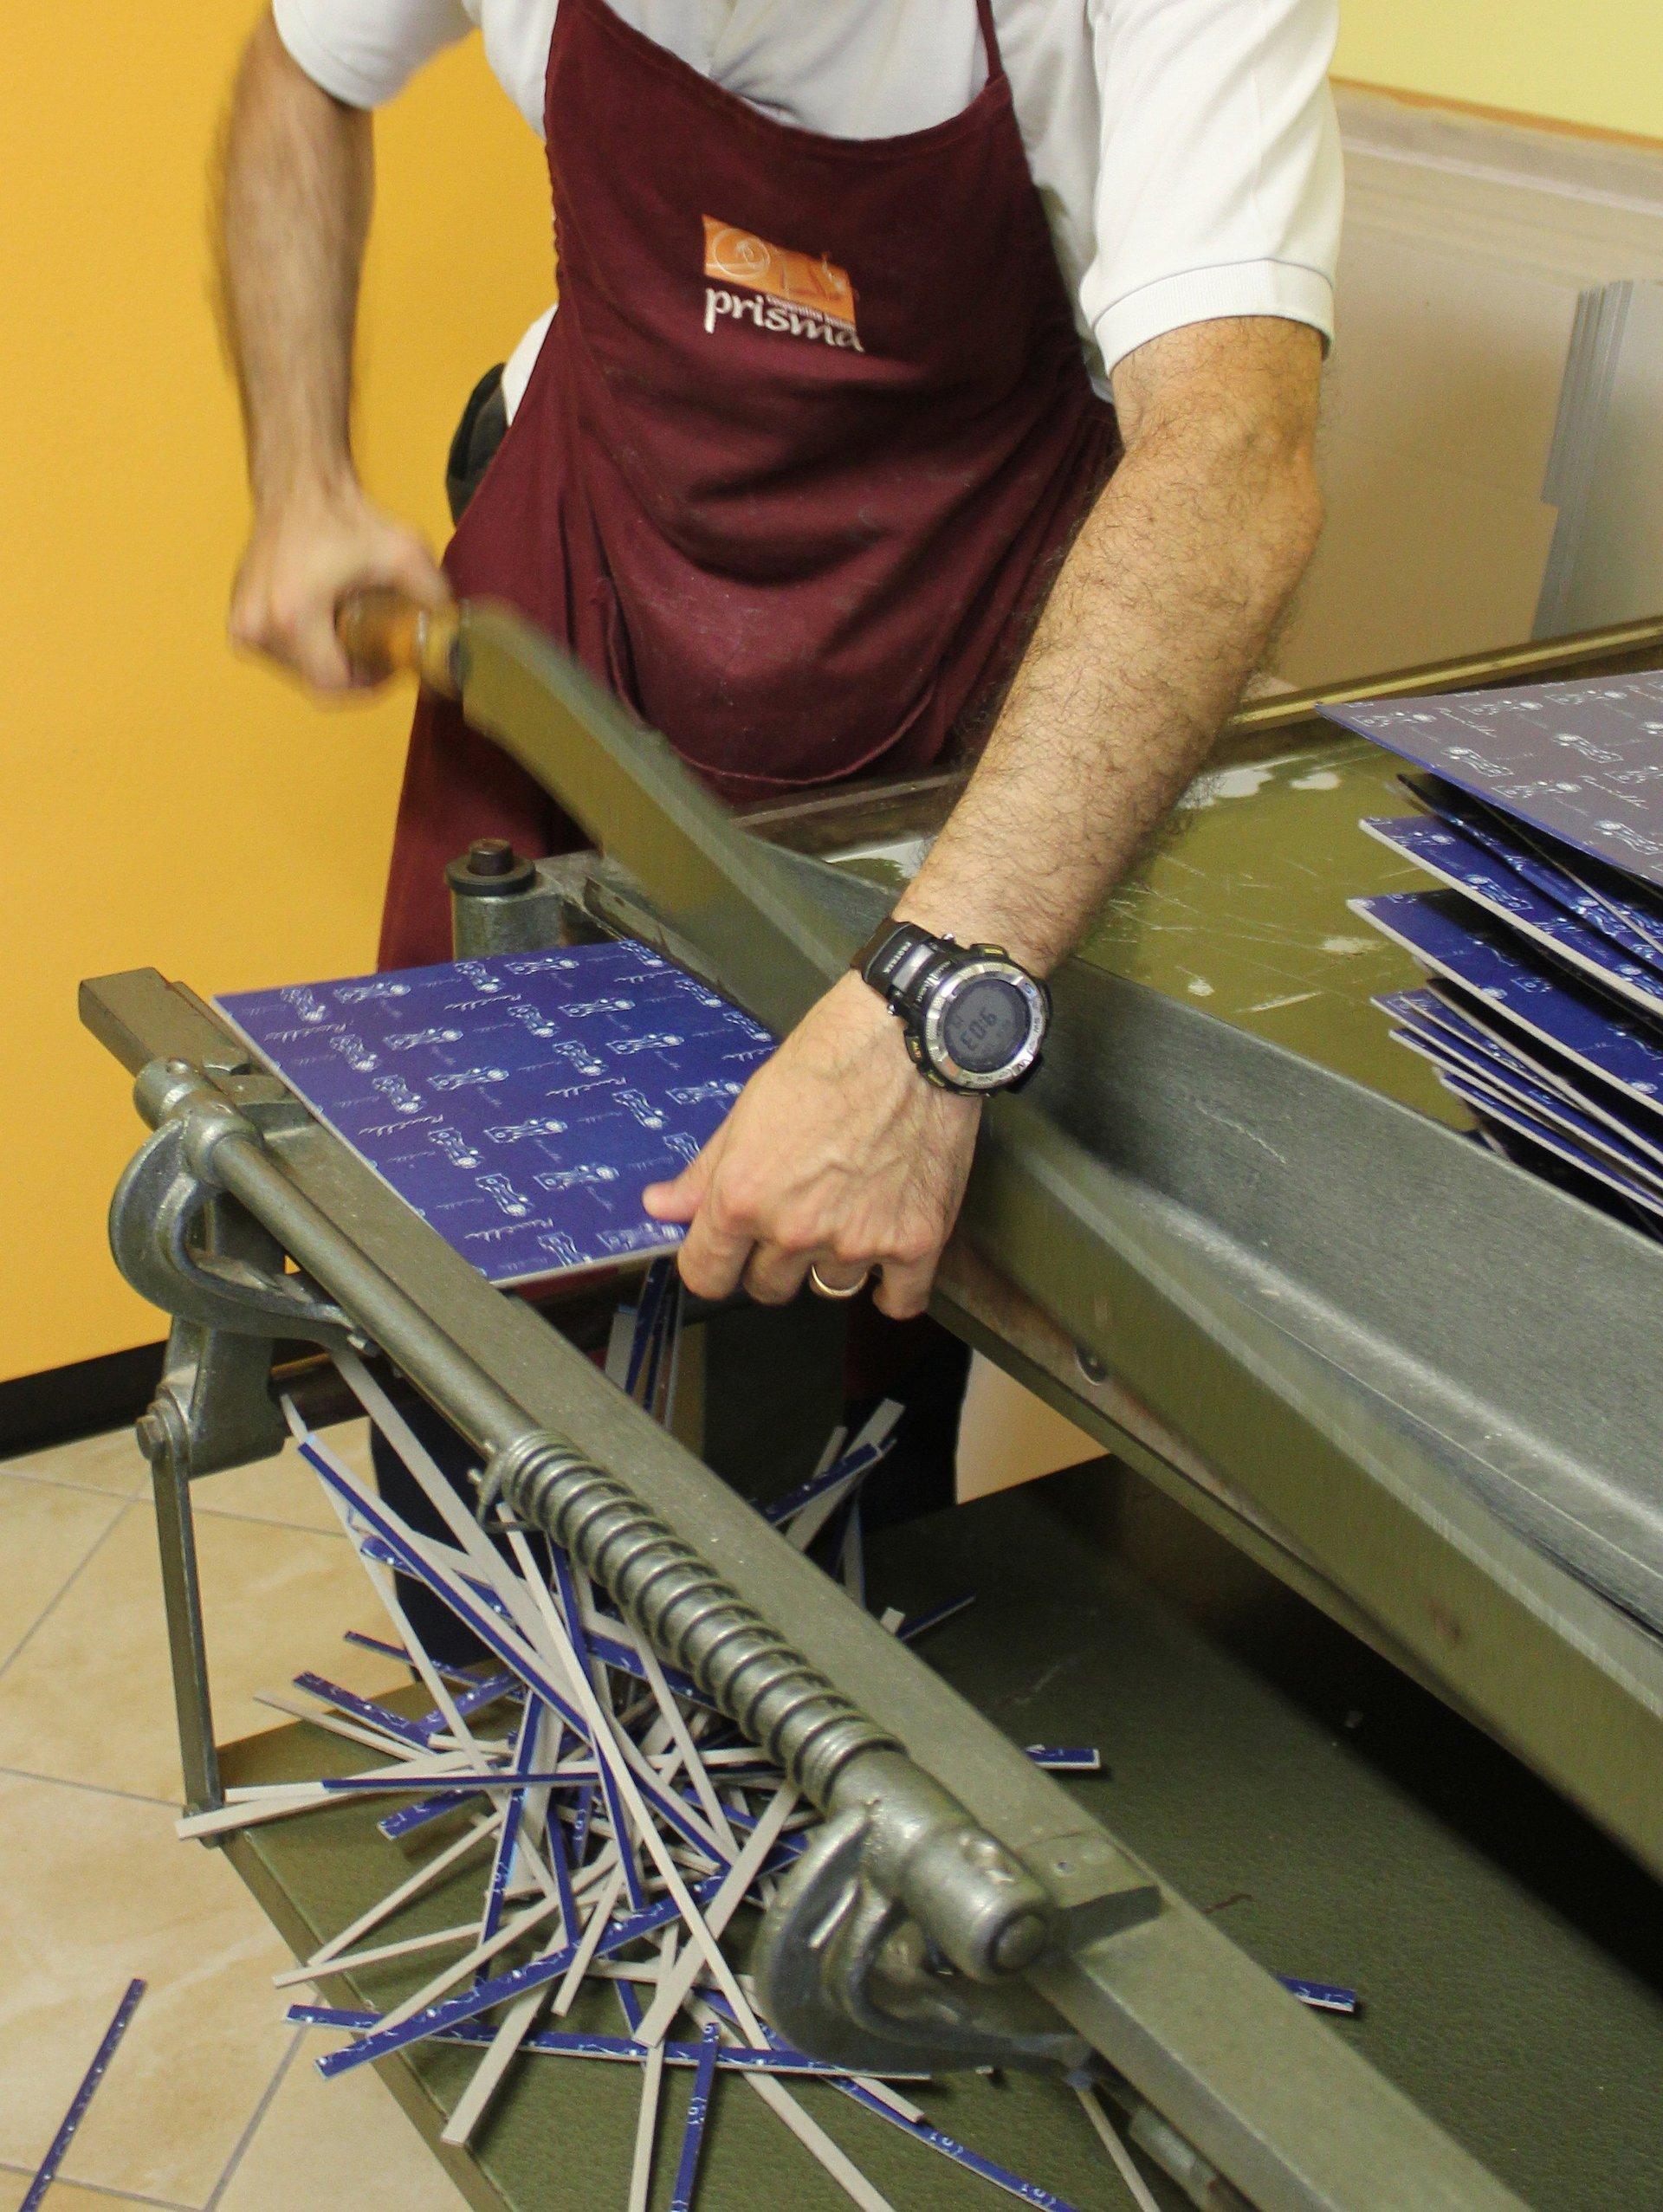 artigiano che lavora con un macchinario per rilegare i libri